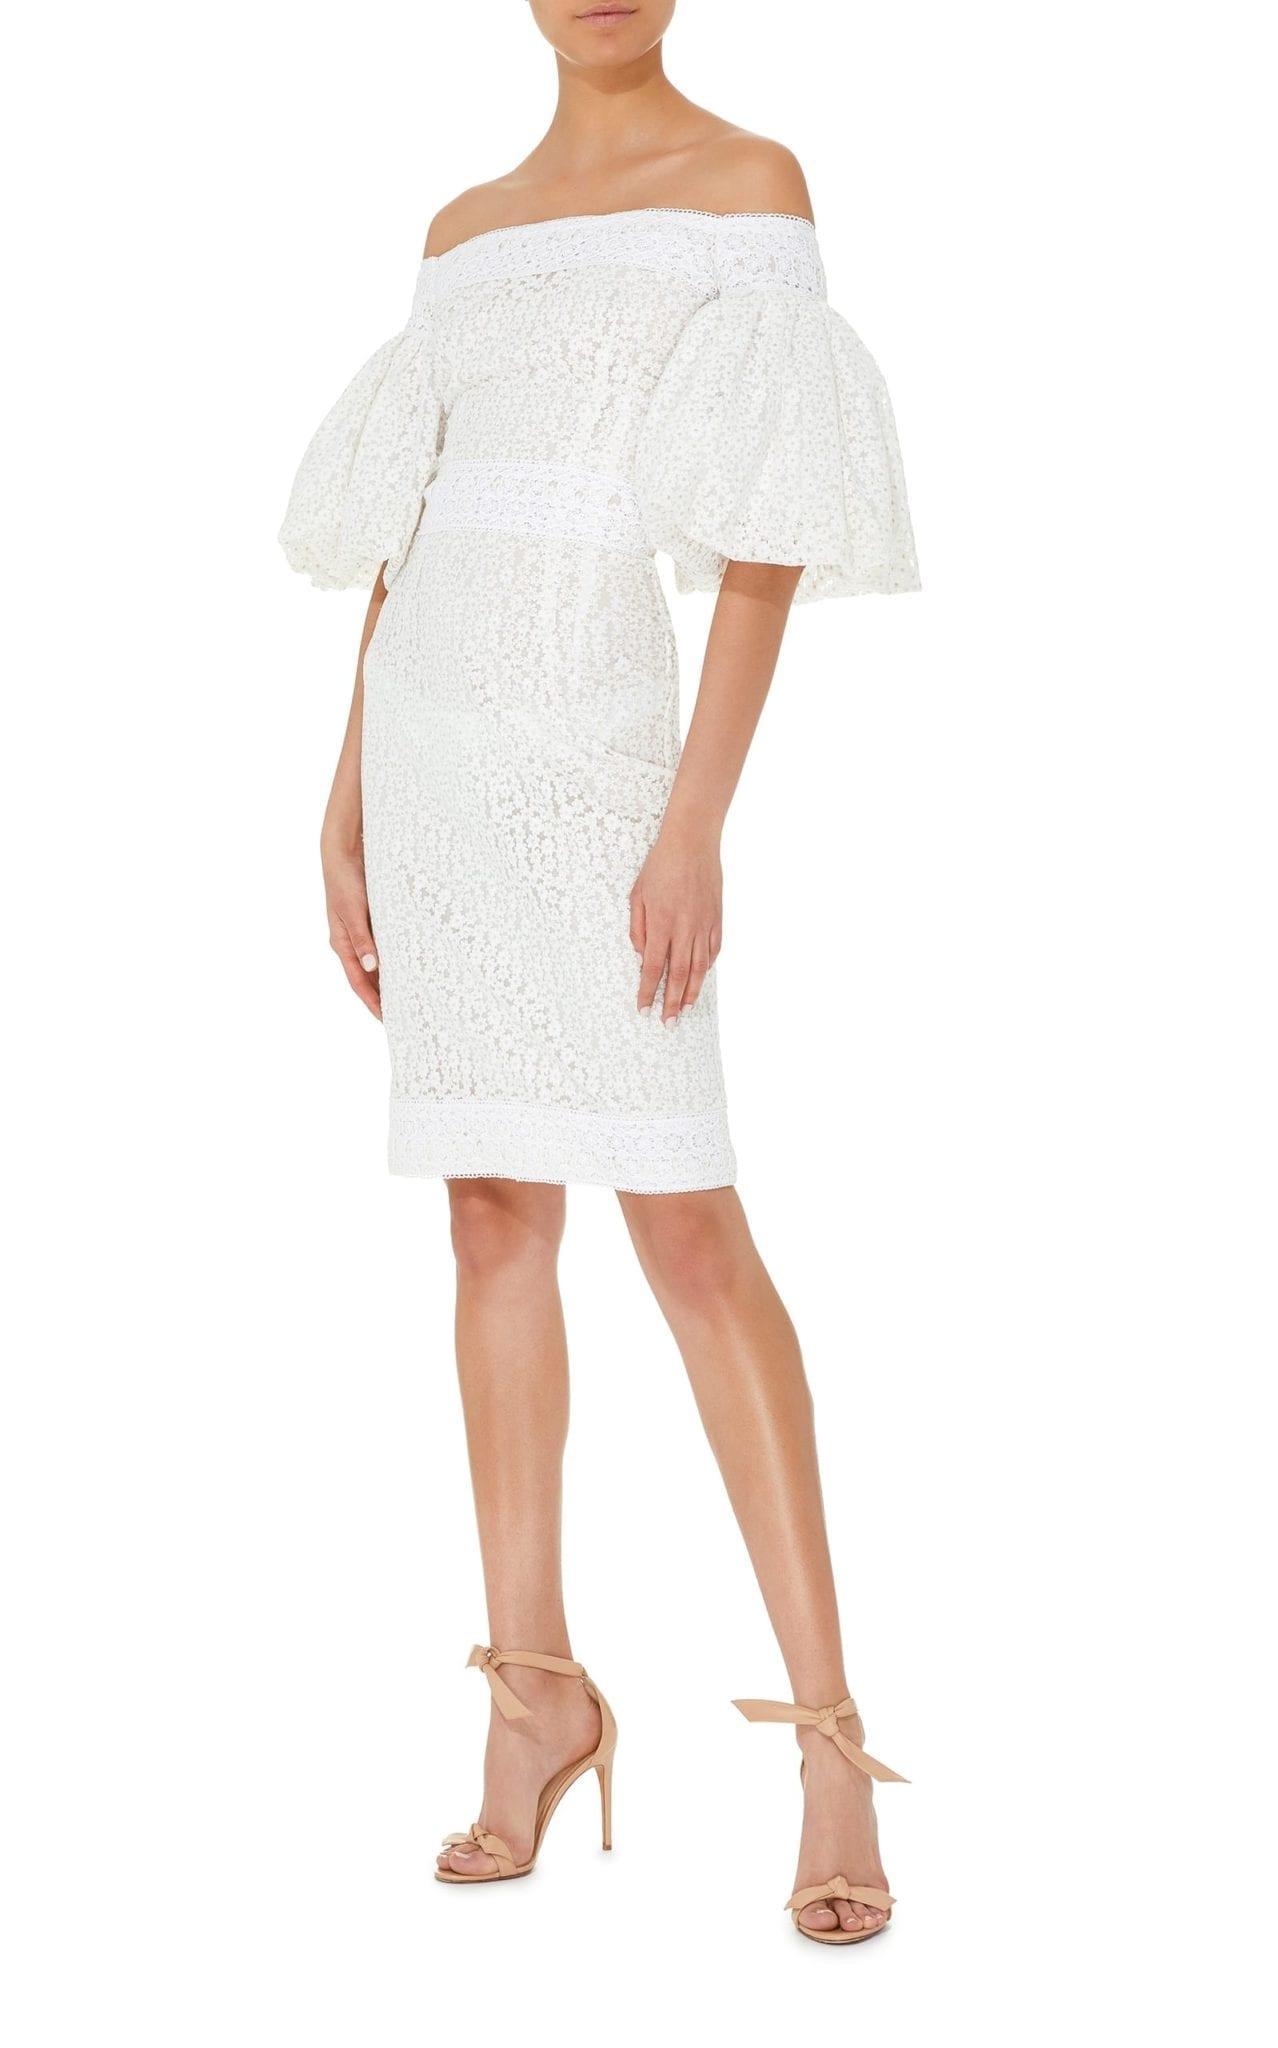 COSTARELLOS Off The Shoulder Sheath White Dress